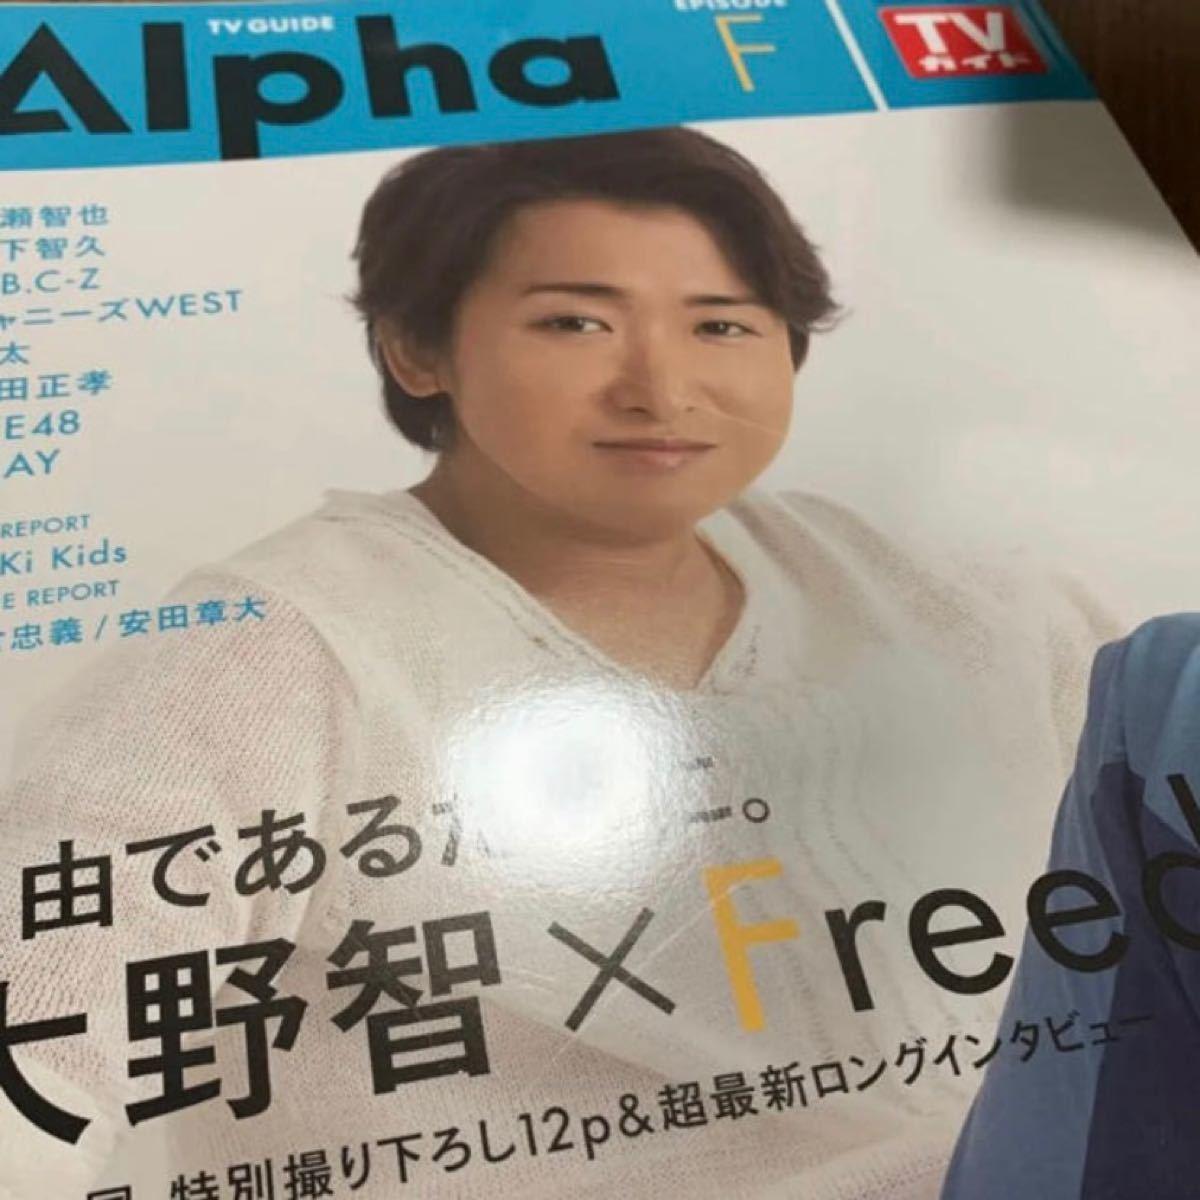 テレビガイドalpha episode F 0602